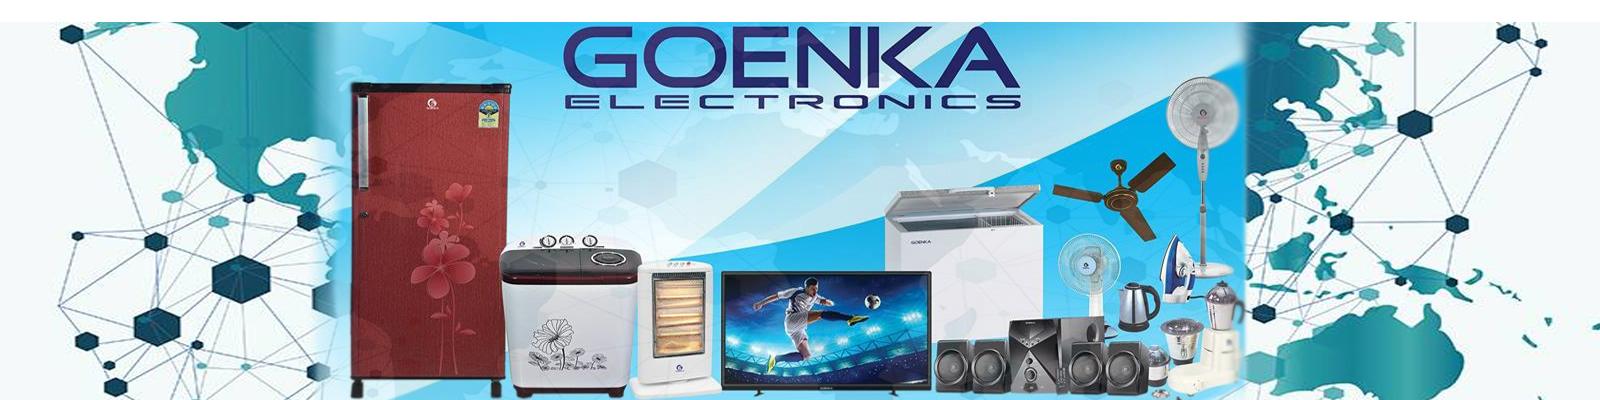 Goenka Electronics